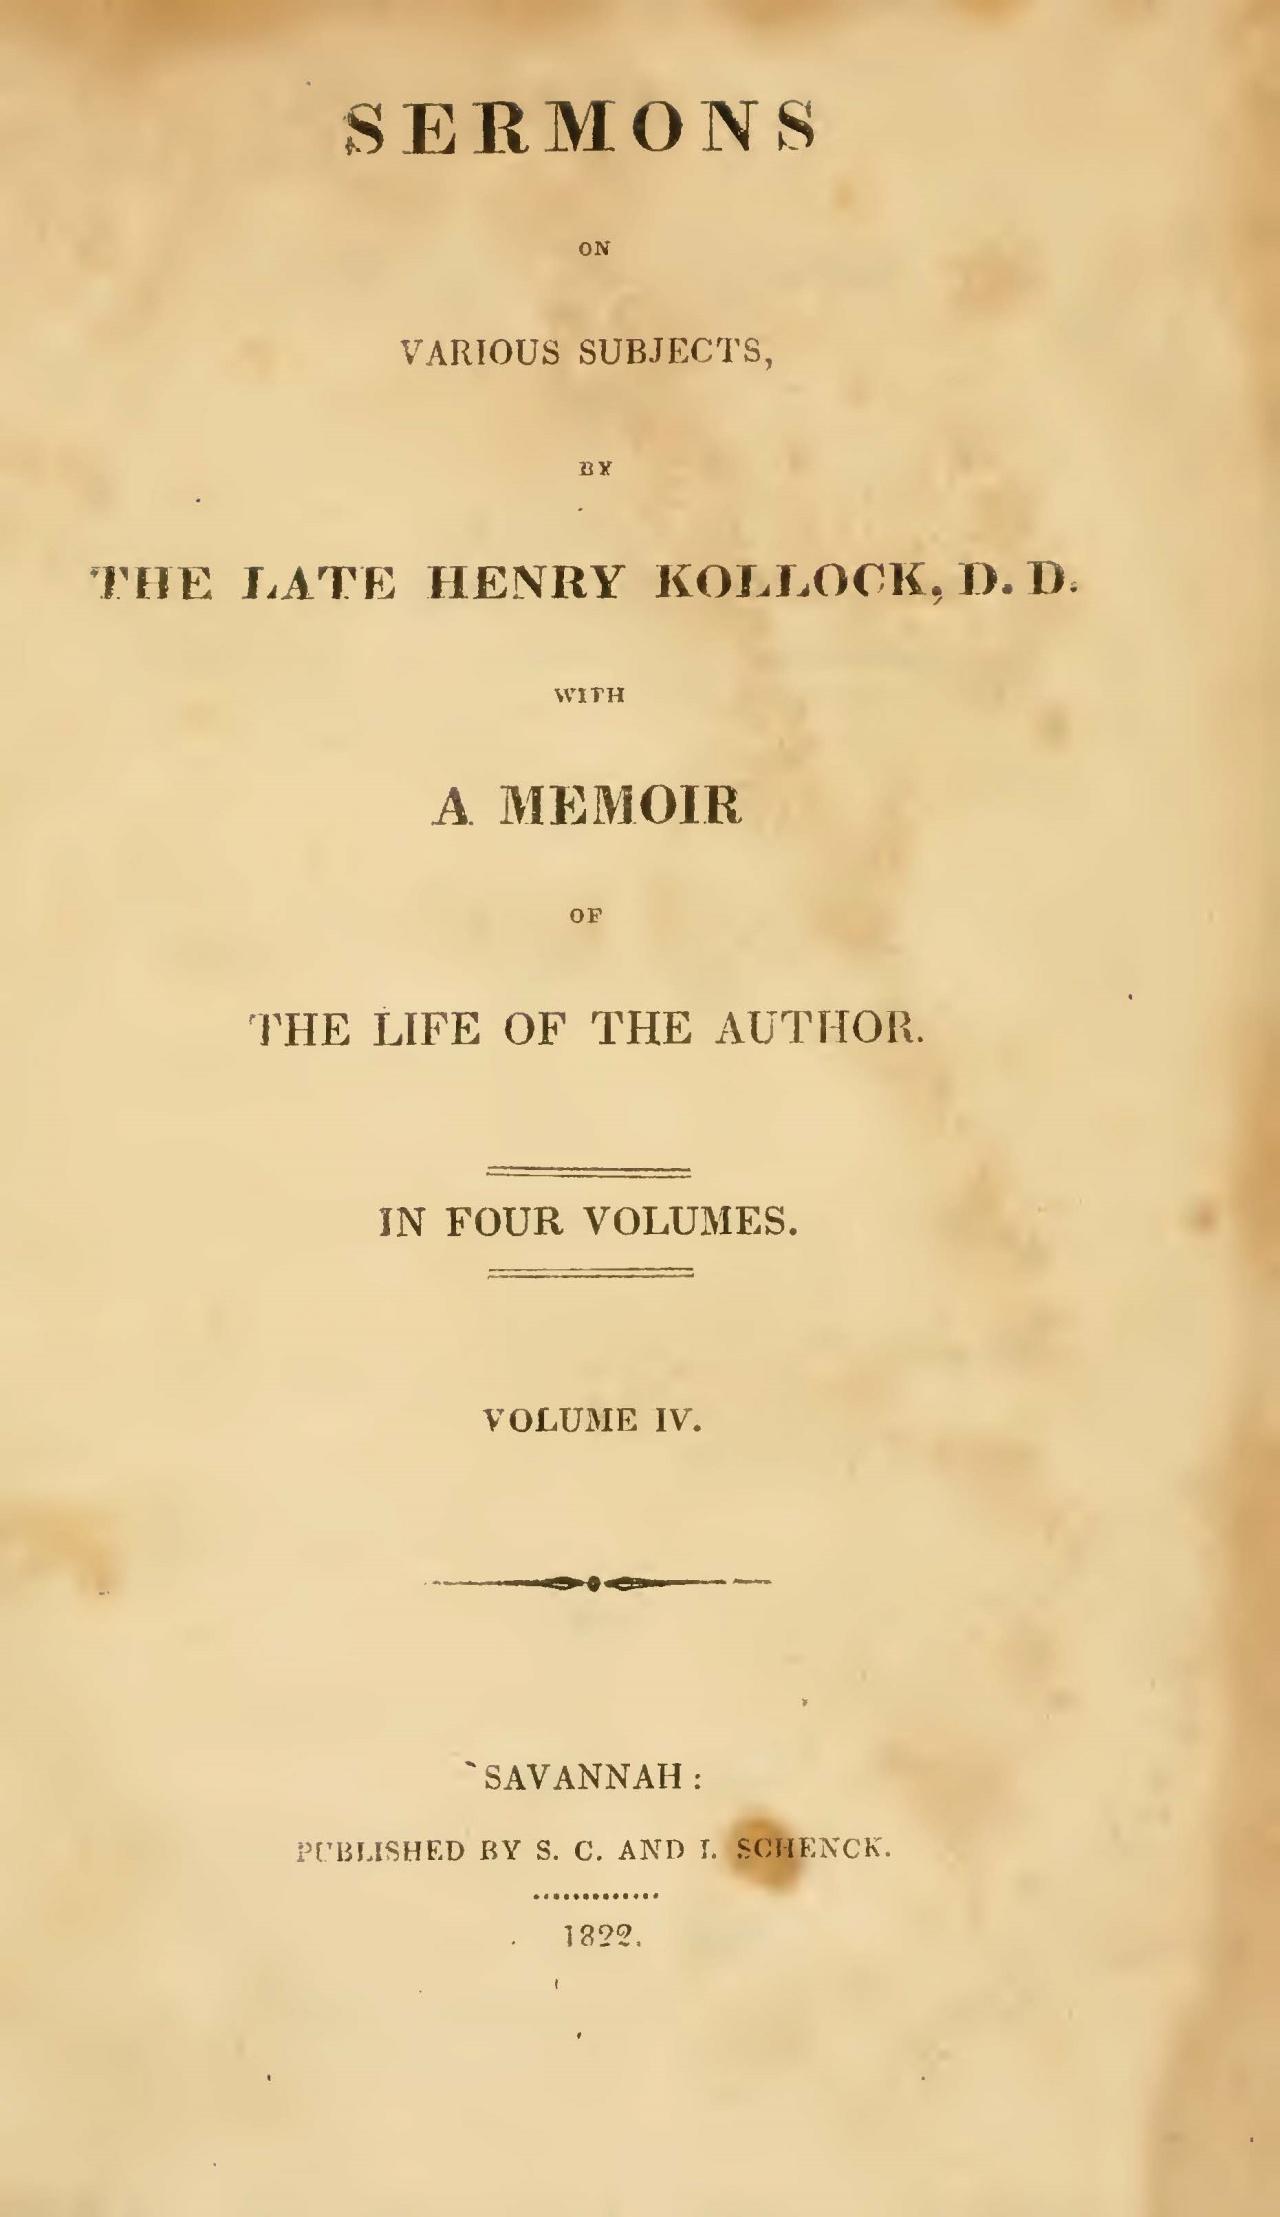 Kollock, Henry, Sermons, Vol. 4 Title Page.jpg